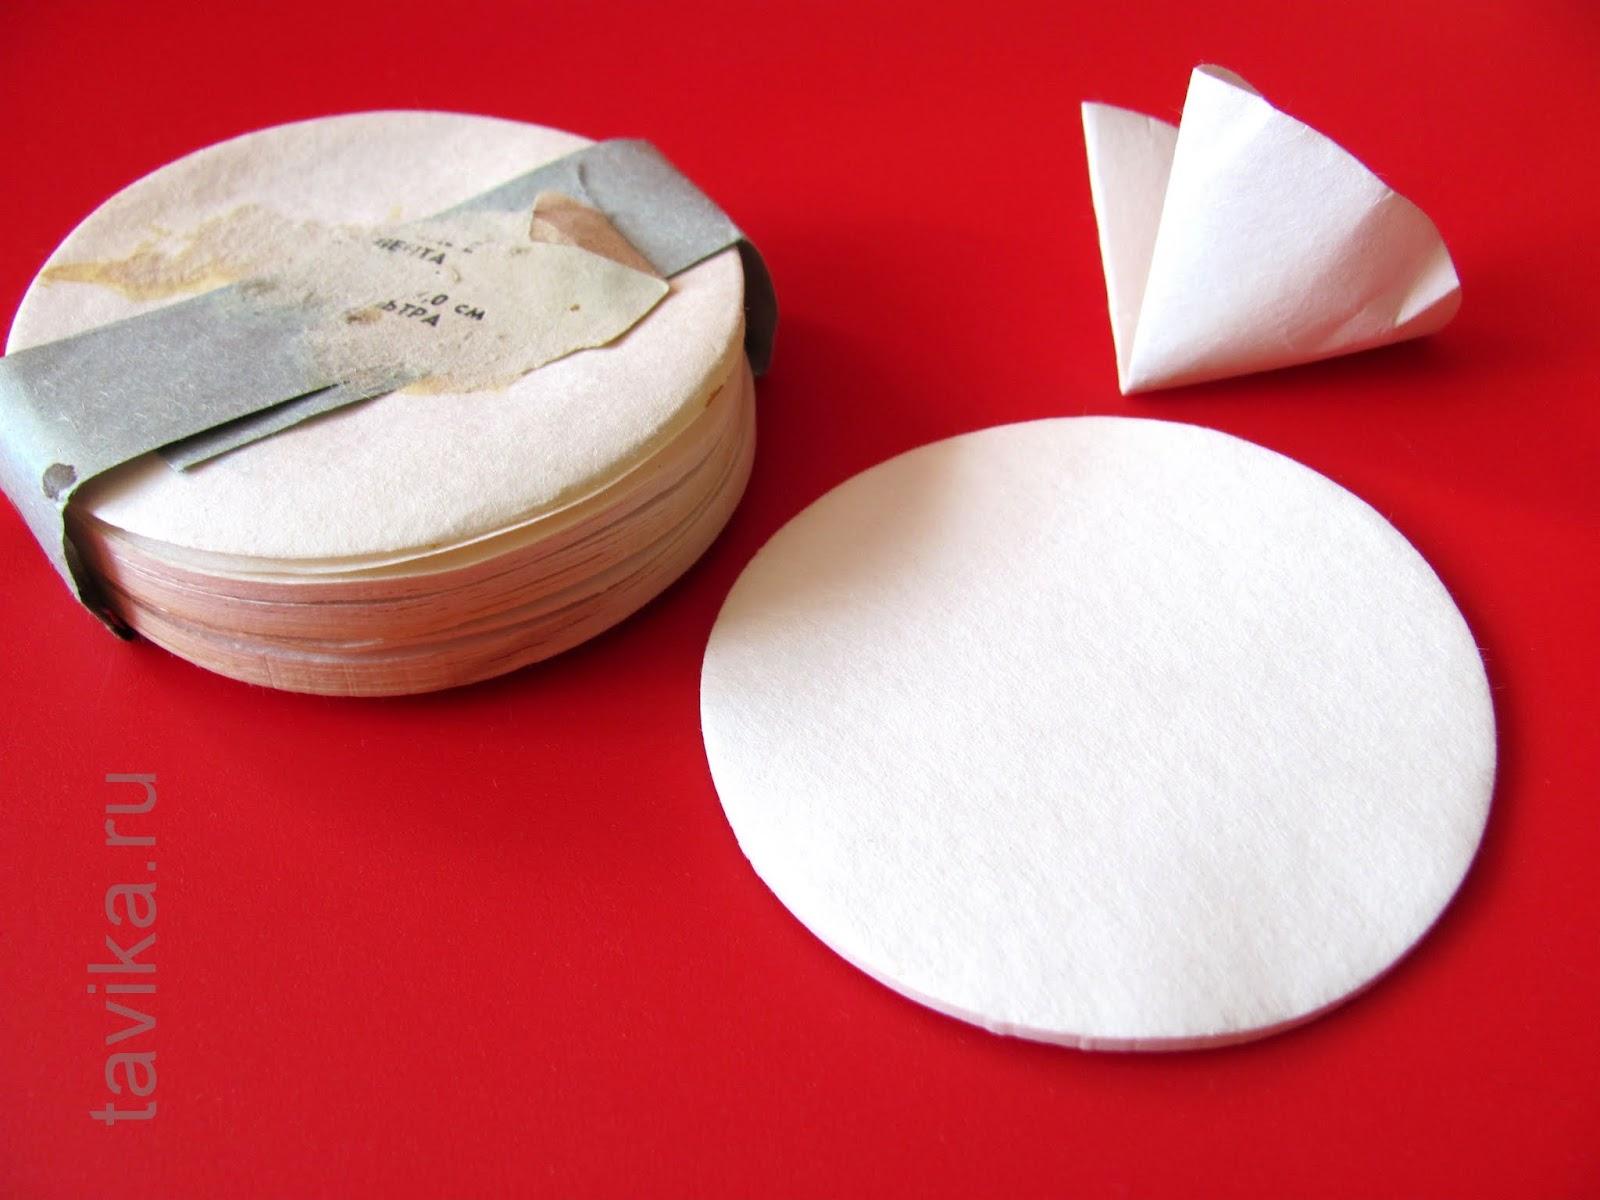 Как сделать воронку из бумаги своими руками